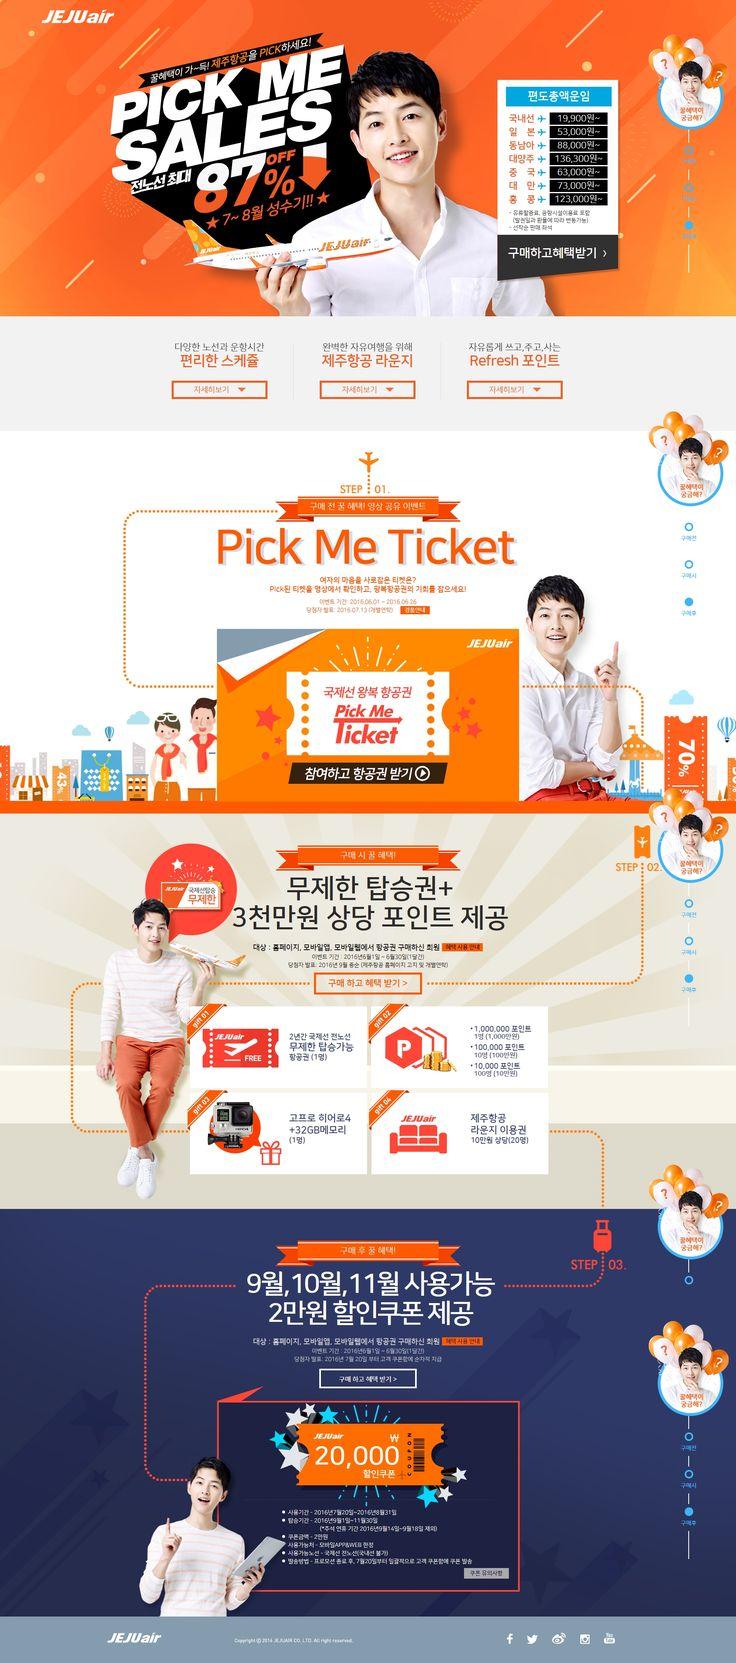 제주항공 - Pick me sales (송중기, 웹 프로모션, 이벤트 디자인)